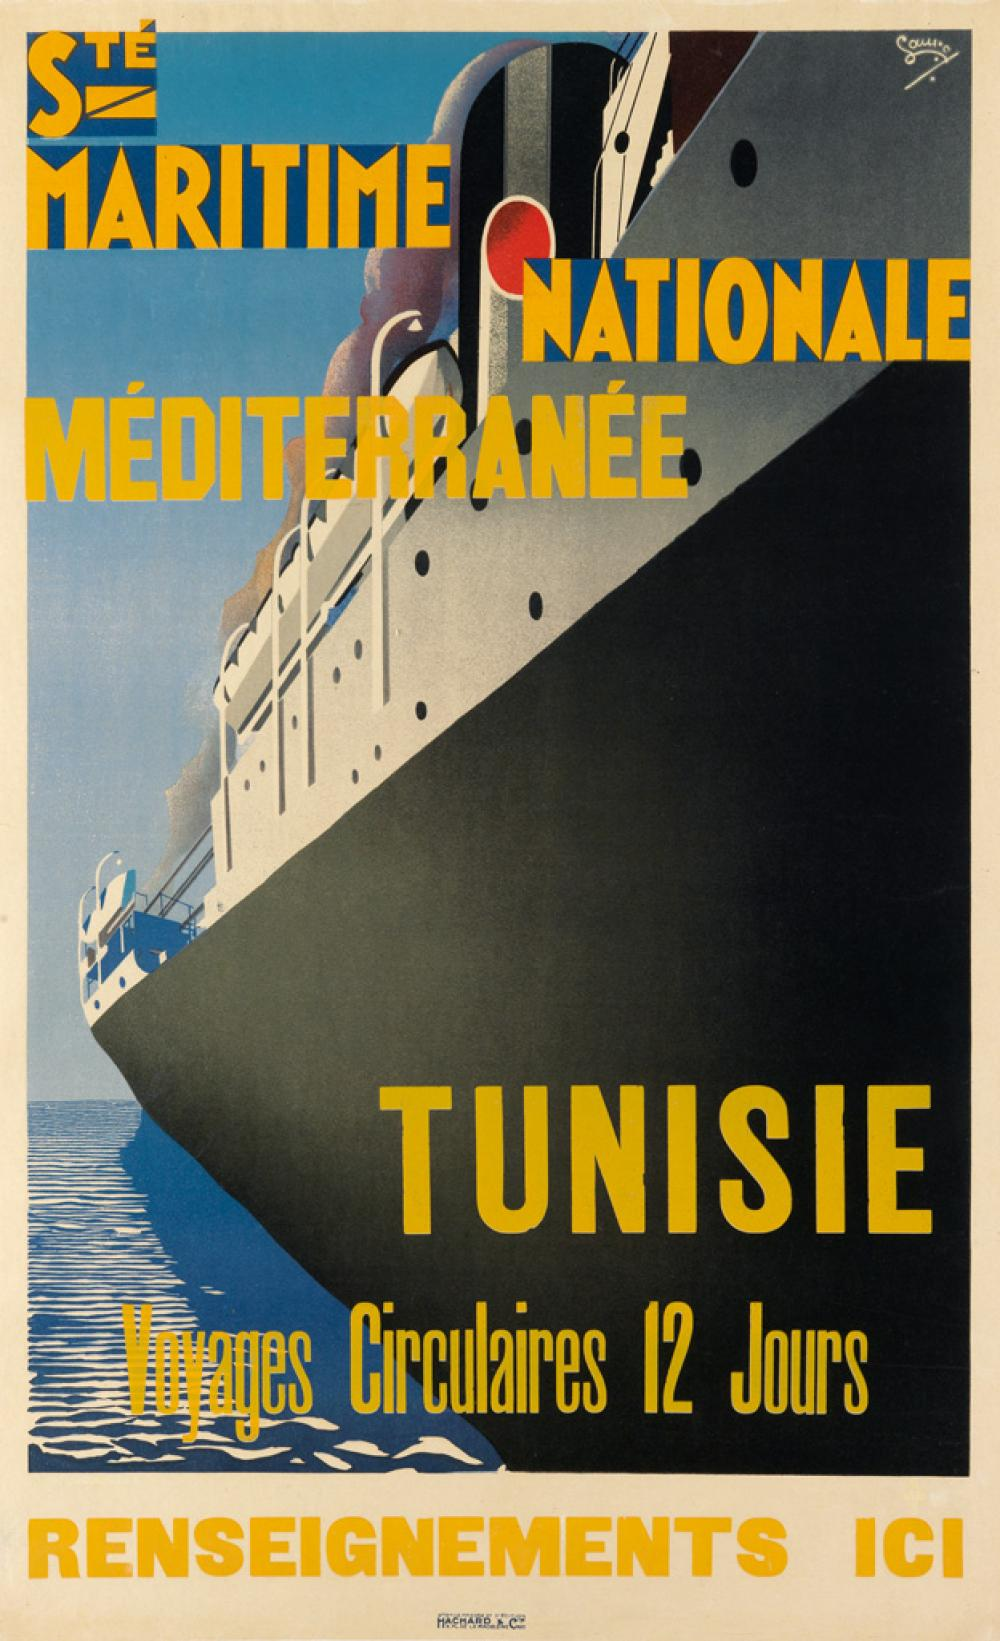 MAURICE LAURO (1878-?). STÉ MARITIME NATIONALE MÉDITERRANÉE / TUNISIE. Circa 1930. 39x24 inches, 99x61 cm. Hachard & Cie, Paris.